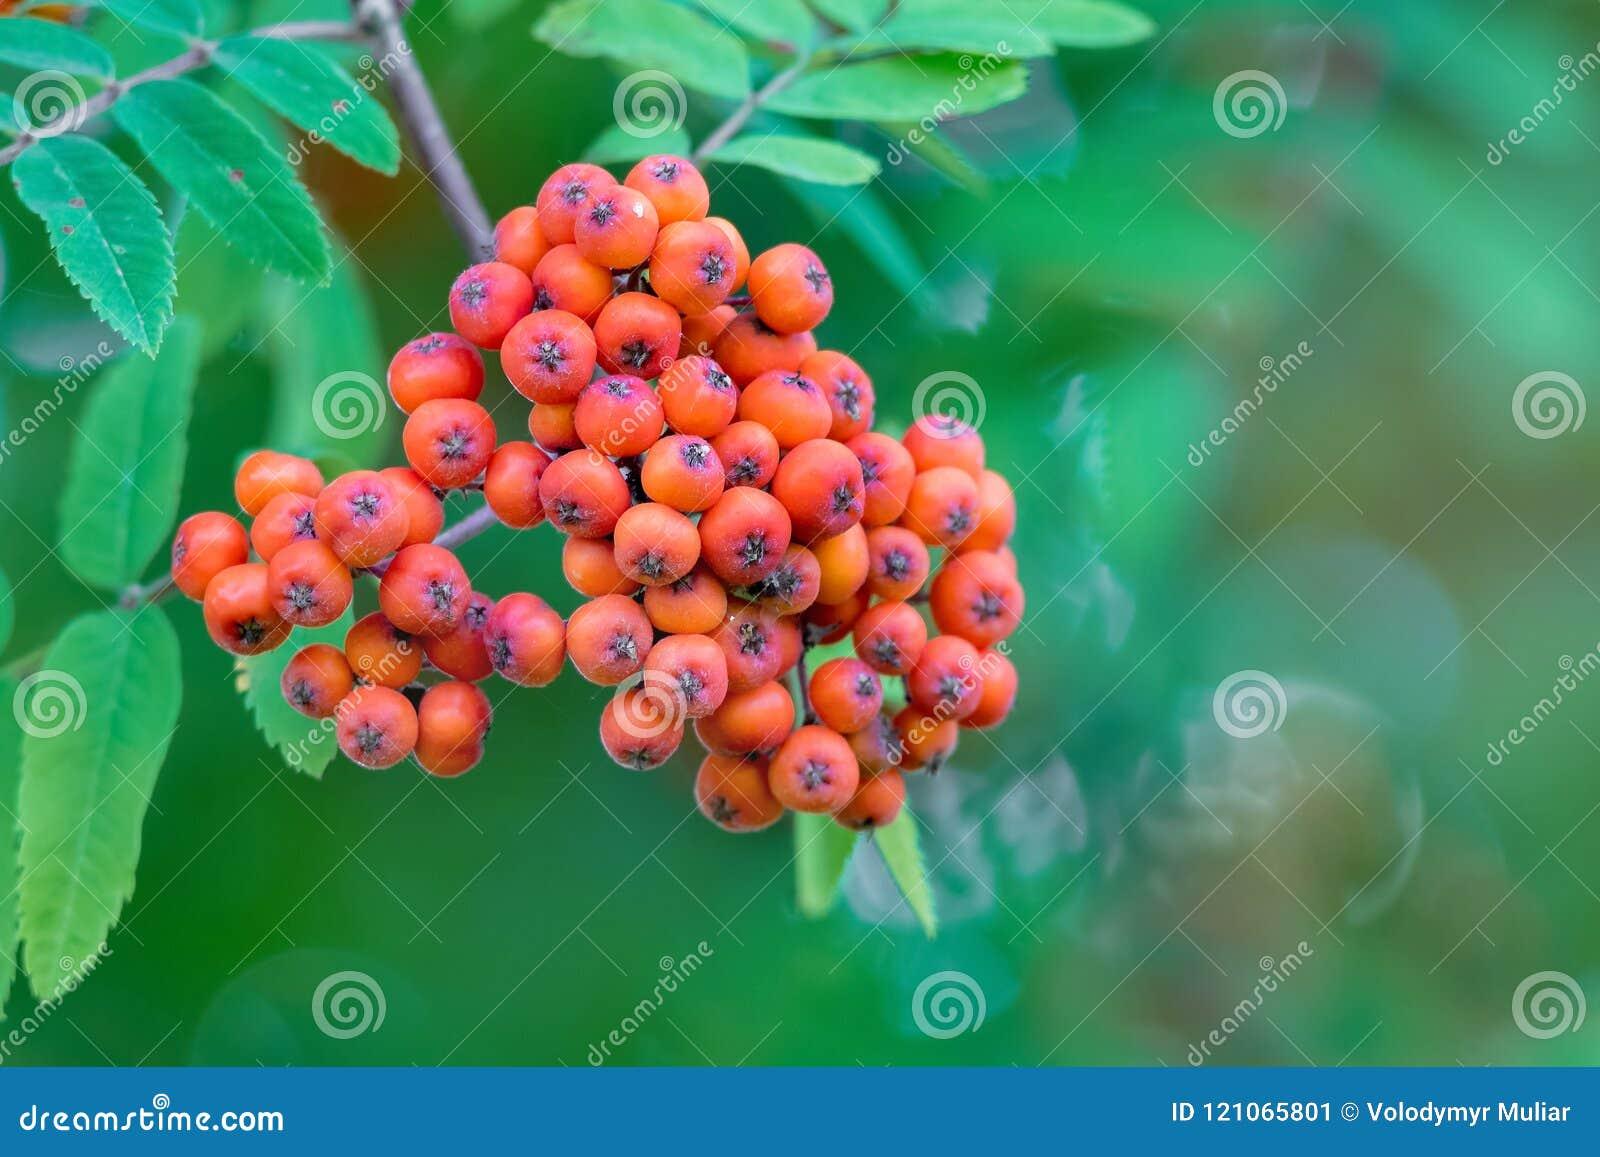 Proprietà Cenere Di Legna i frutti della cenere di montagna su un fondo verde bacche